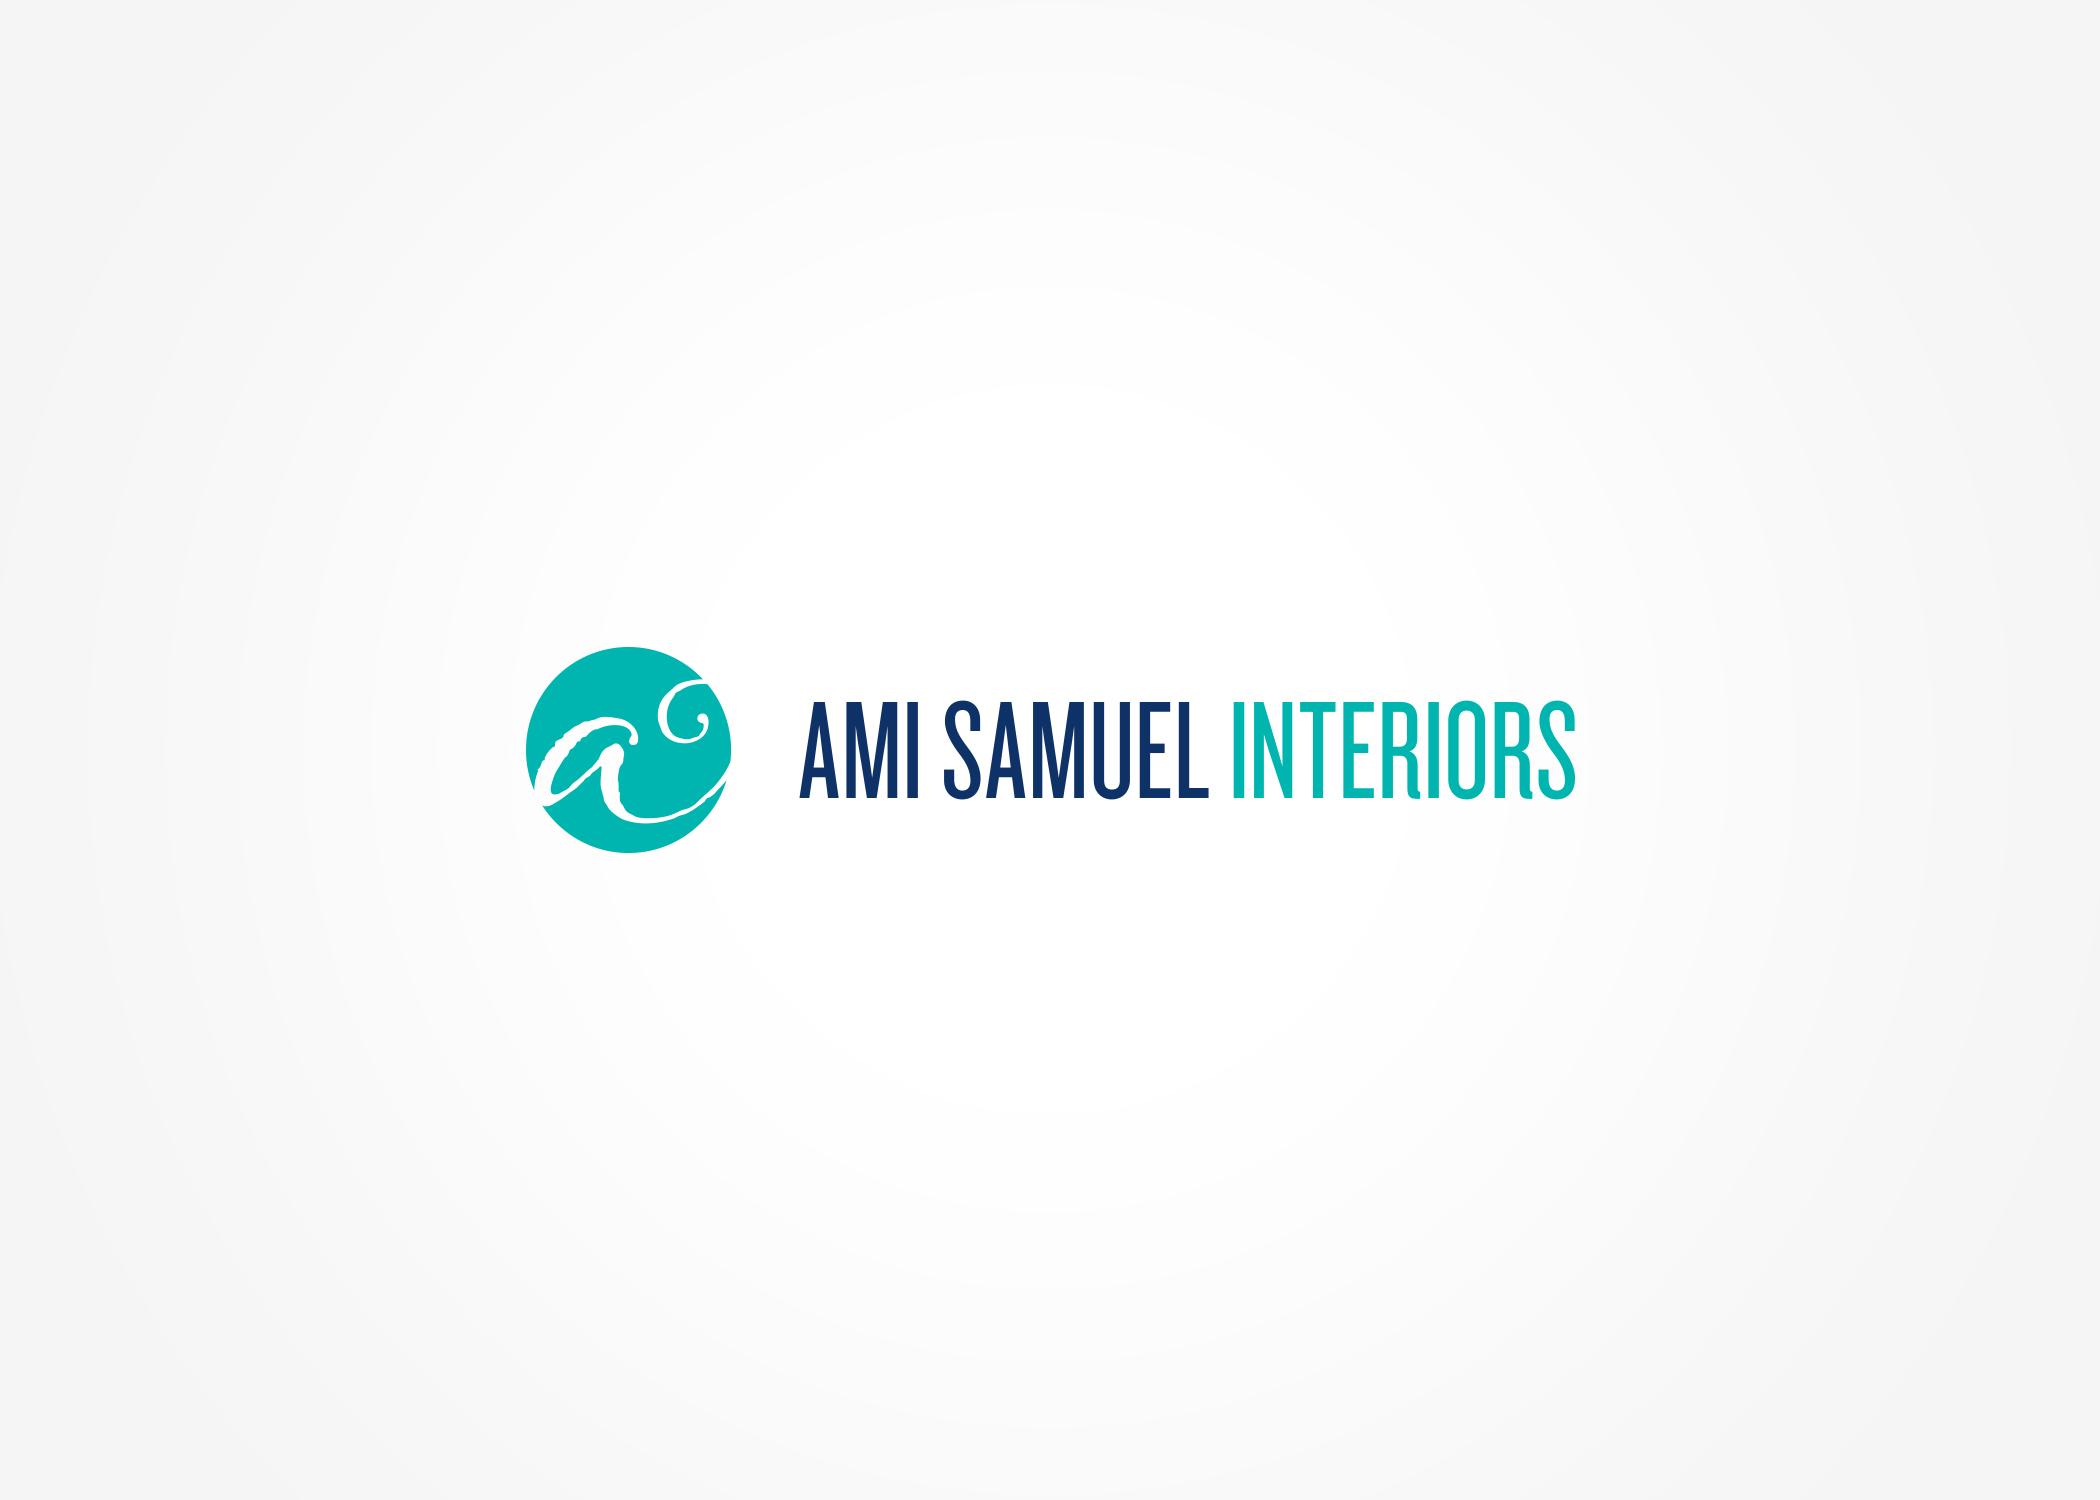 Ami Samuel Interiors Logo.jpg